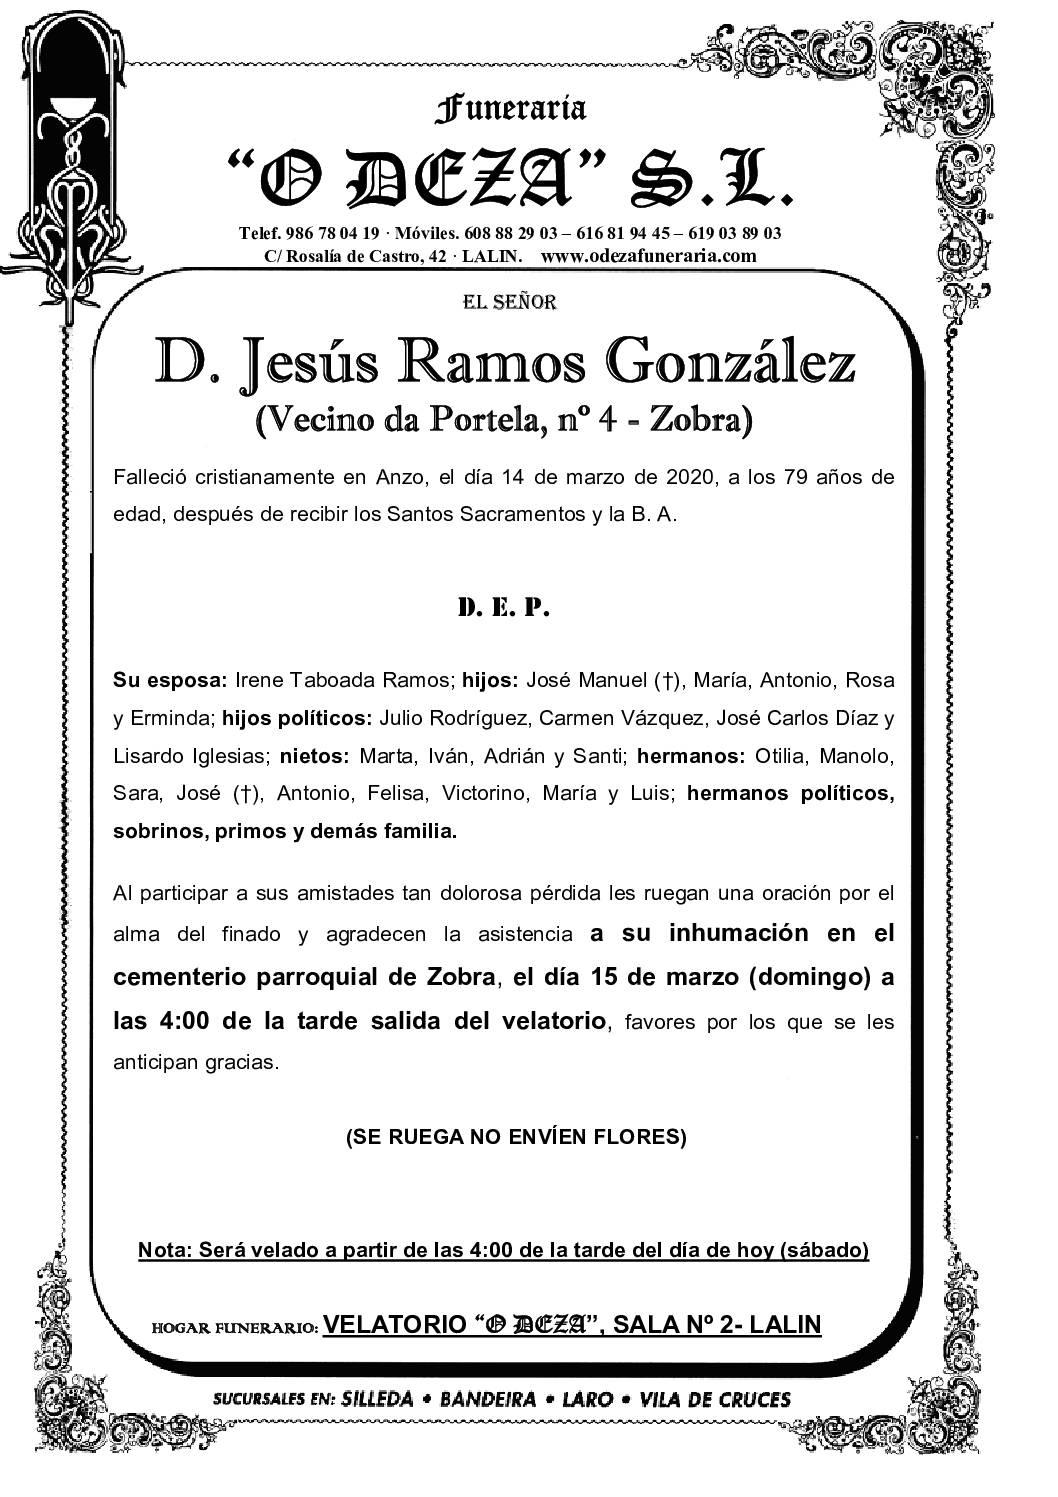 D. JESÚS RAMOS GONZÁLEZ